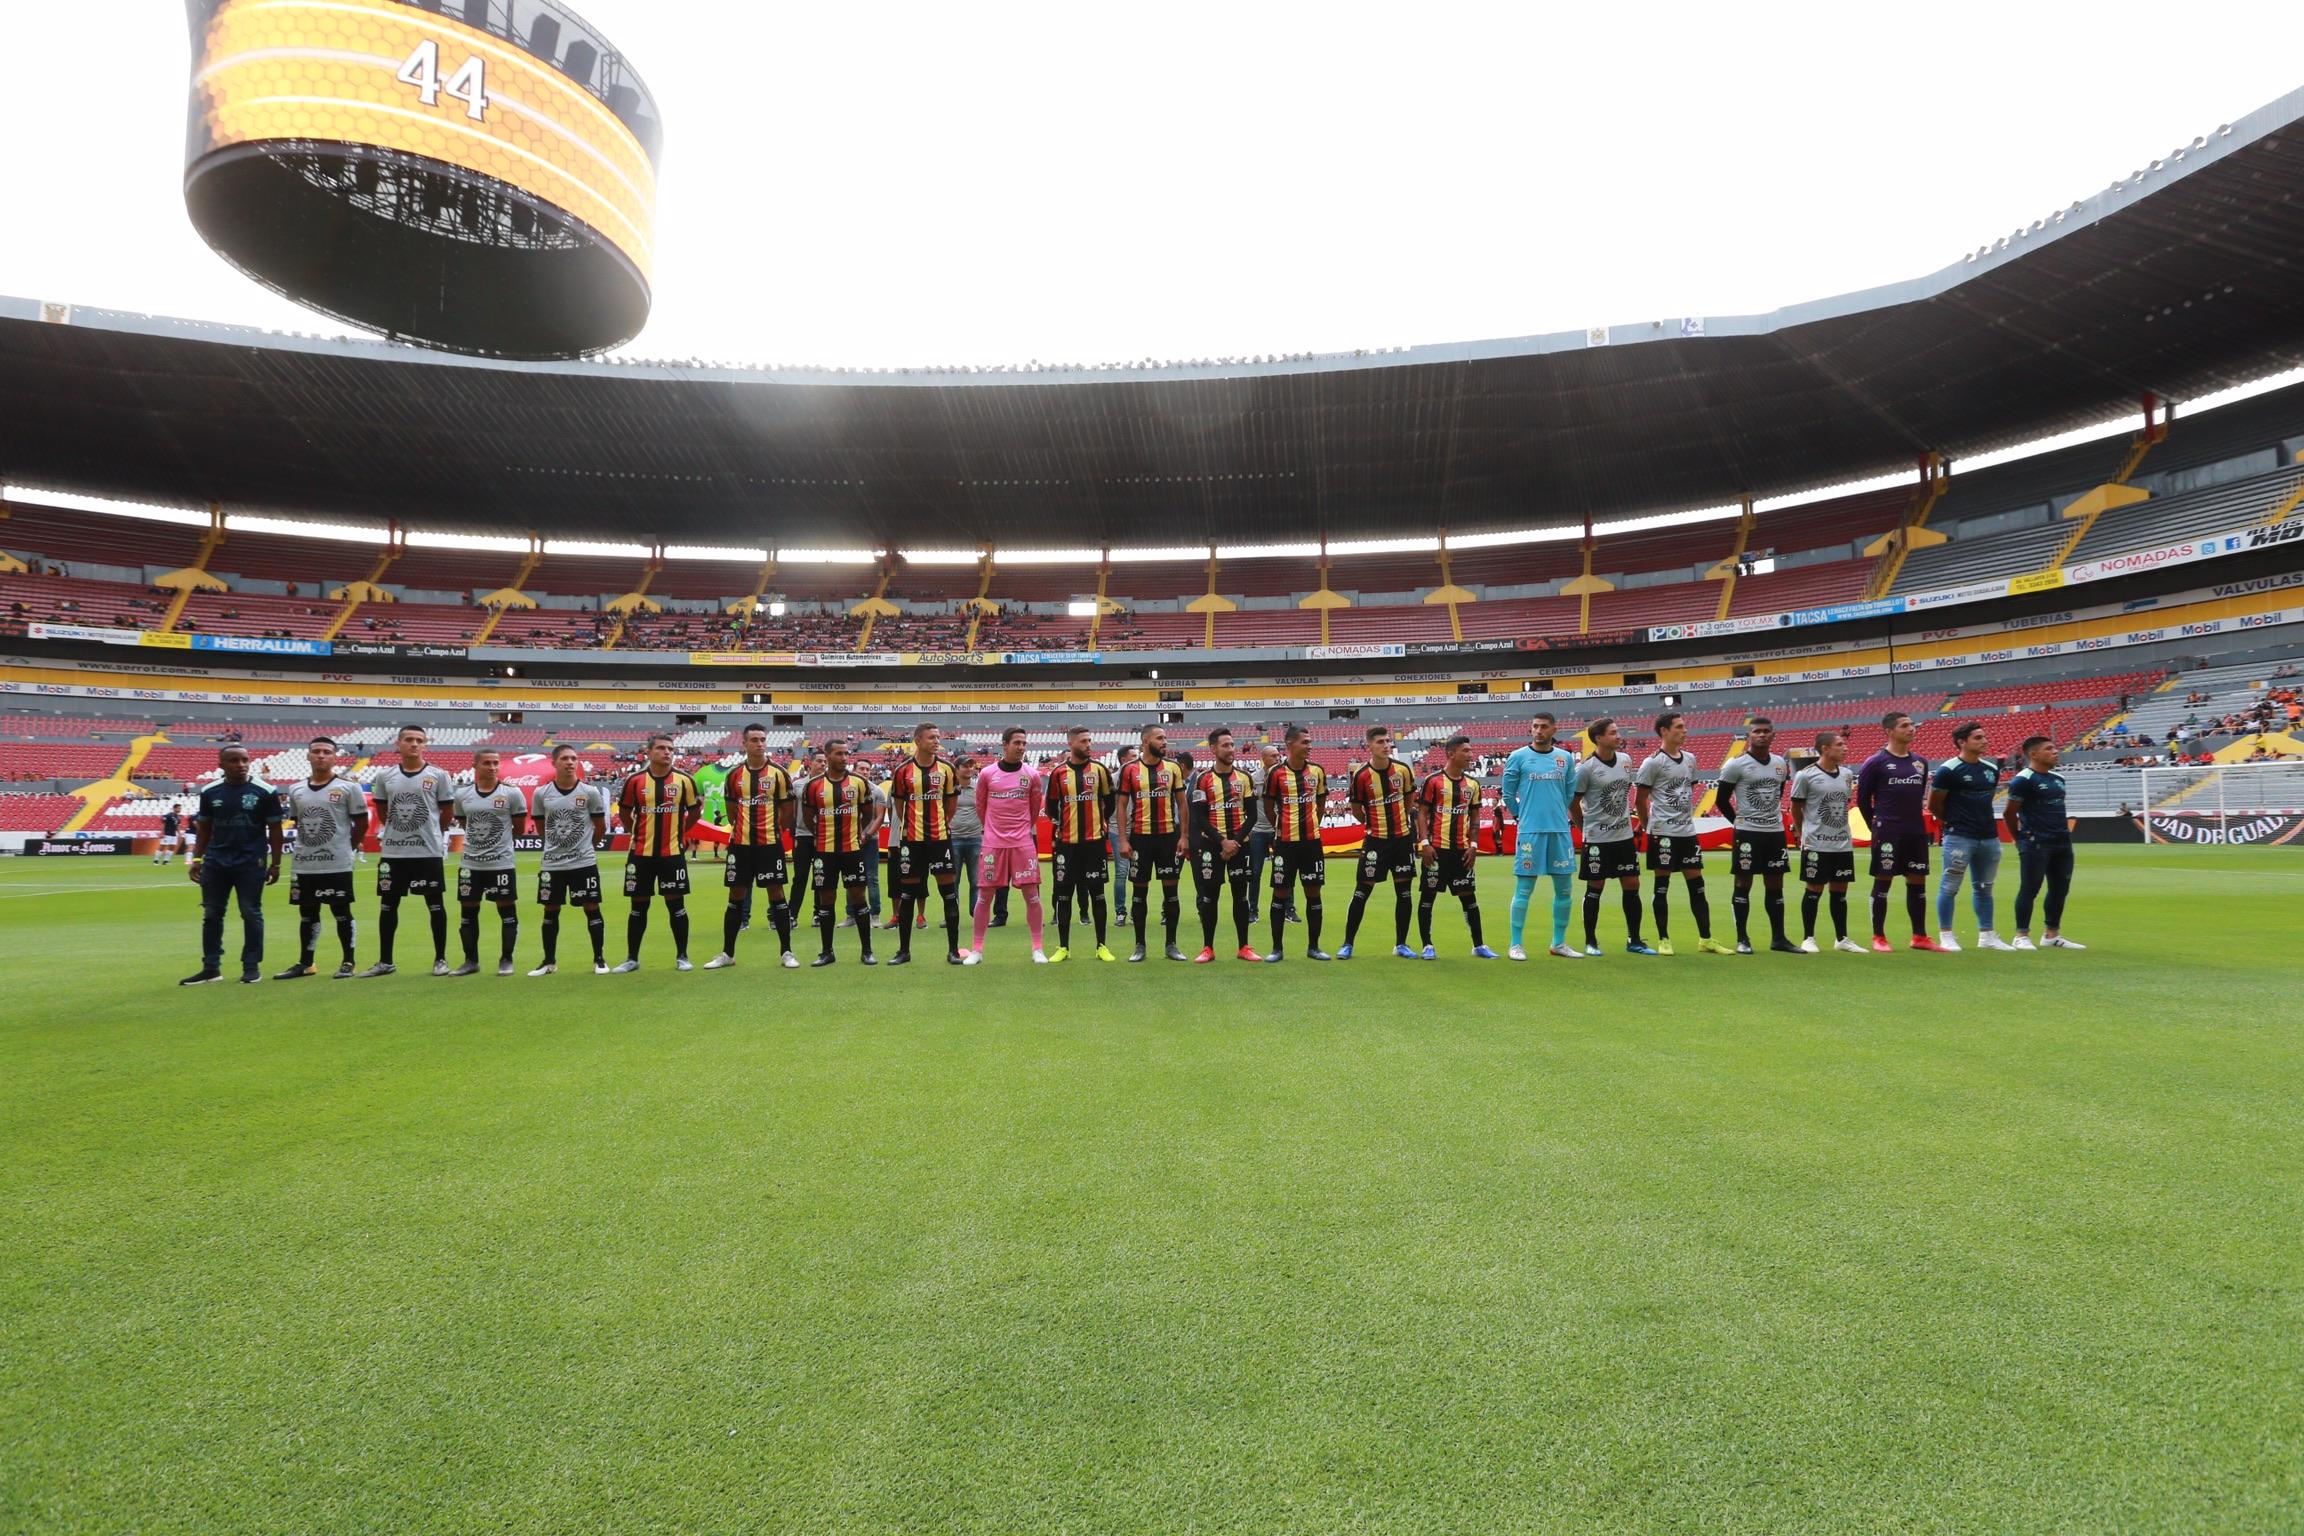 Jugadores de los Leones Negros de la Universidad de Guadalajara (UdeG), iniciaron los festejos por el 45 aniversario de su debut en Primera División